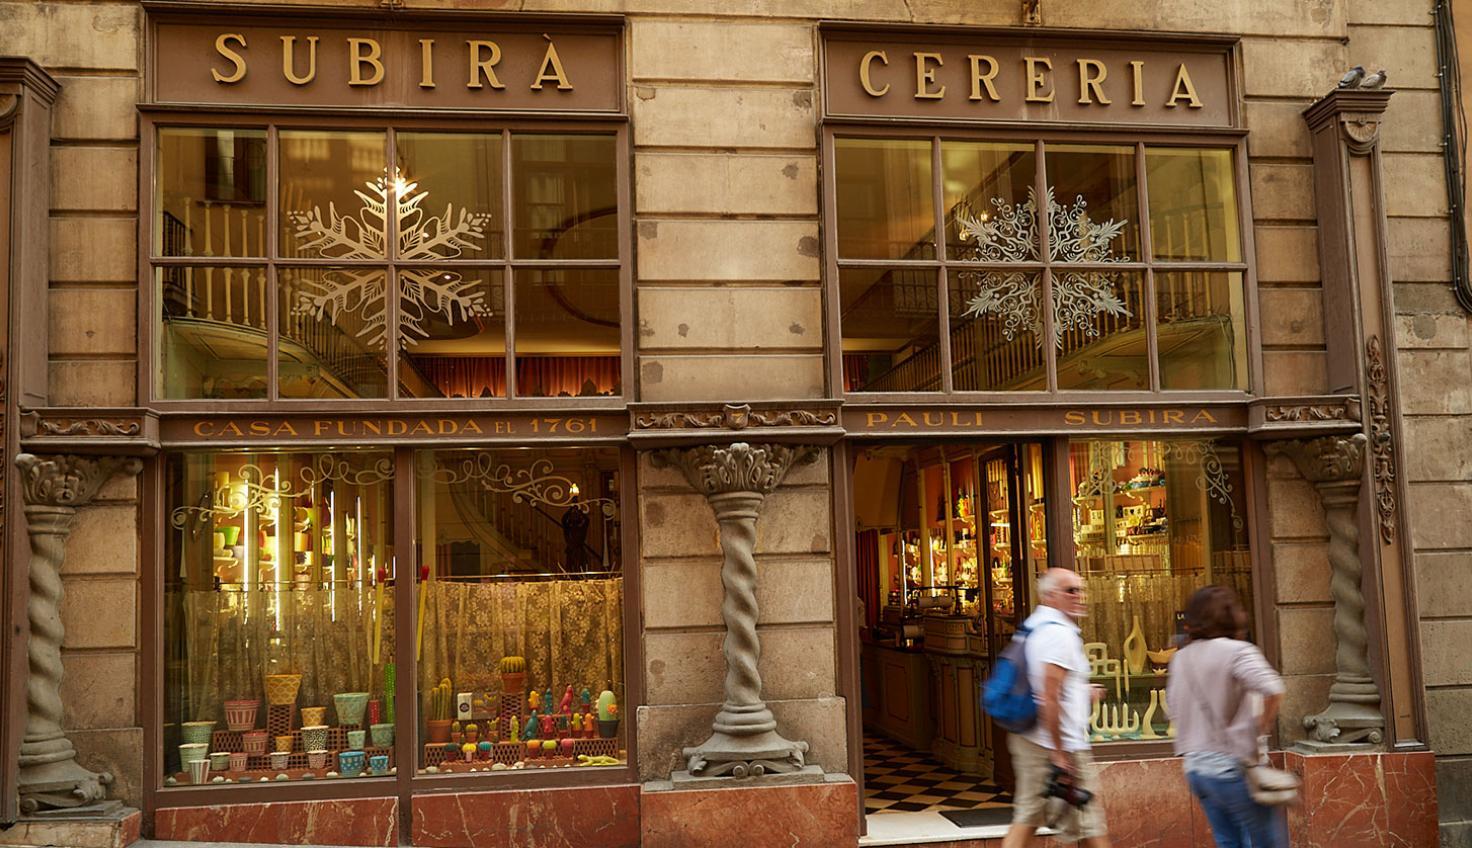 Photo Cereria Subirà Barcelona